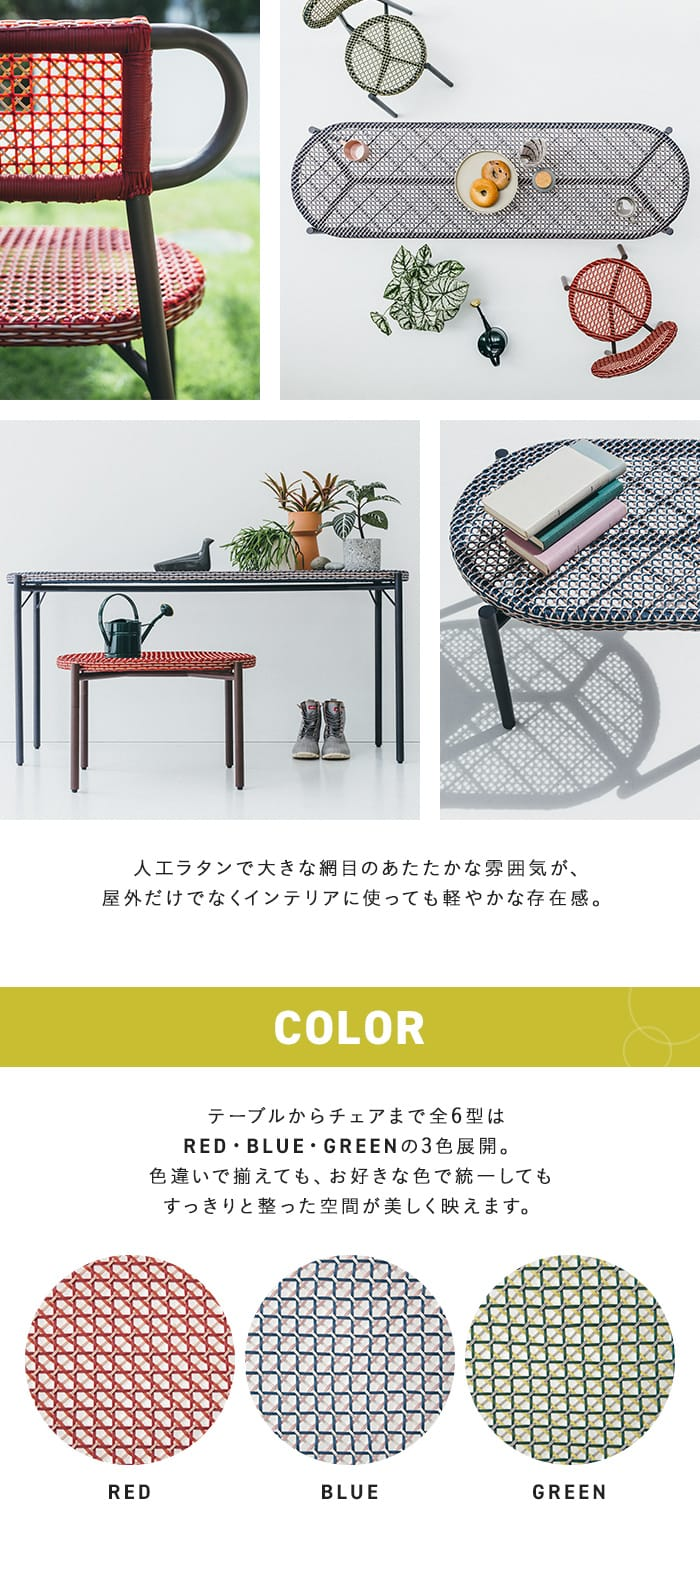 テーブルからチェアまで全6型はRED・BLUE・GREENの3色展開。色違いで揃えても、お好きな色で統一してもすっきりと整った空間が美しく映えます。